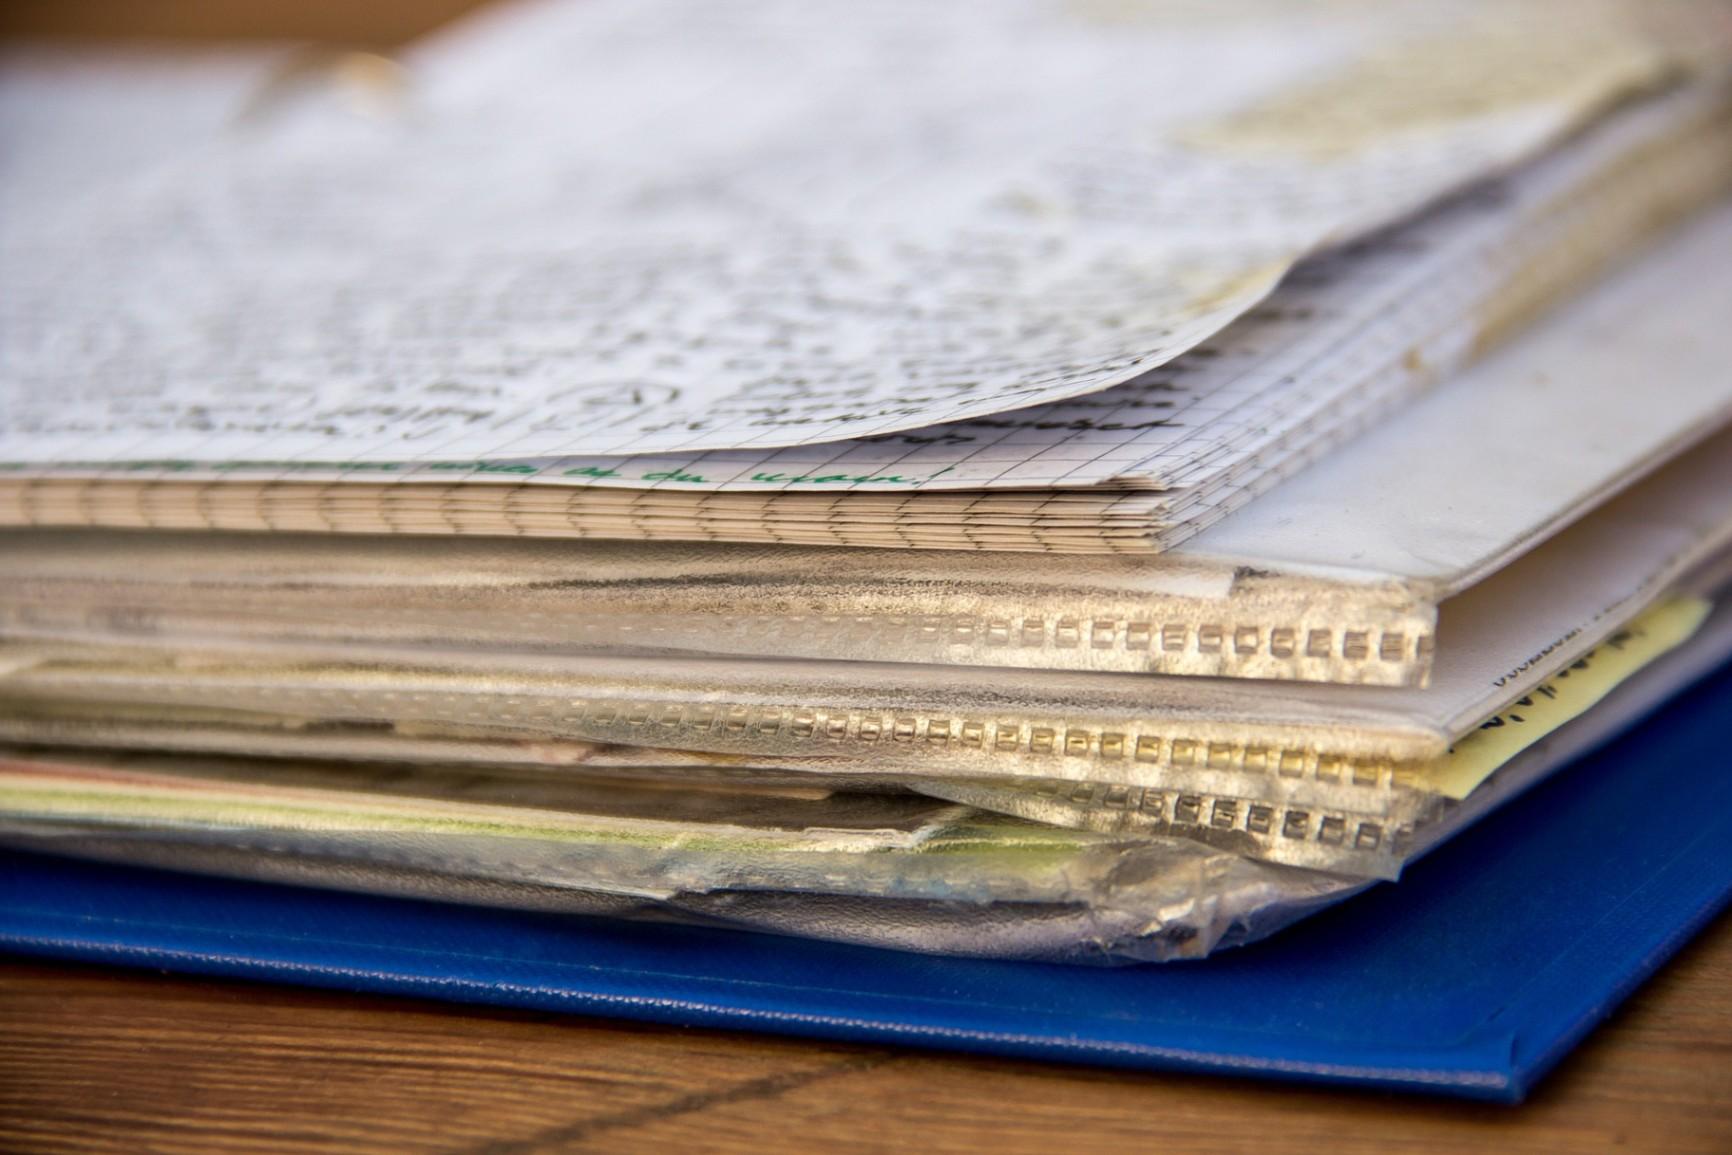 Les 3 Meilleures Options de Carte de Crédit avec Cetelem - Découvrez les Caractéristiques et Comment Souscrire